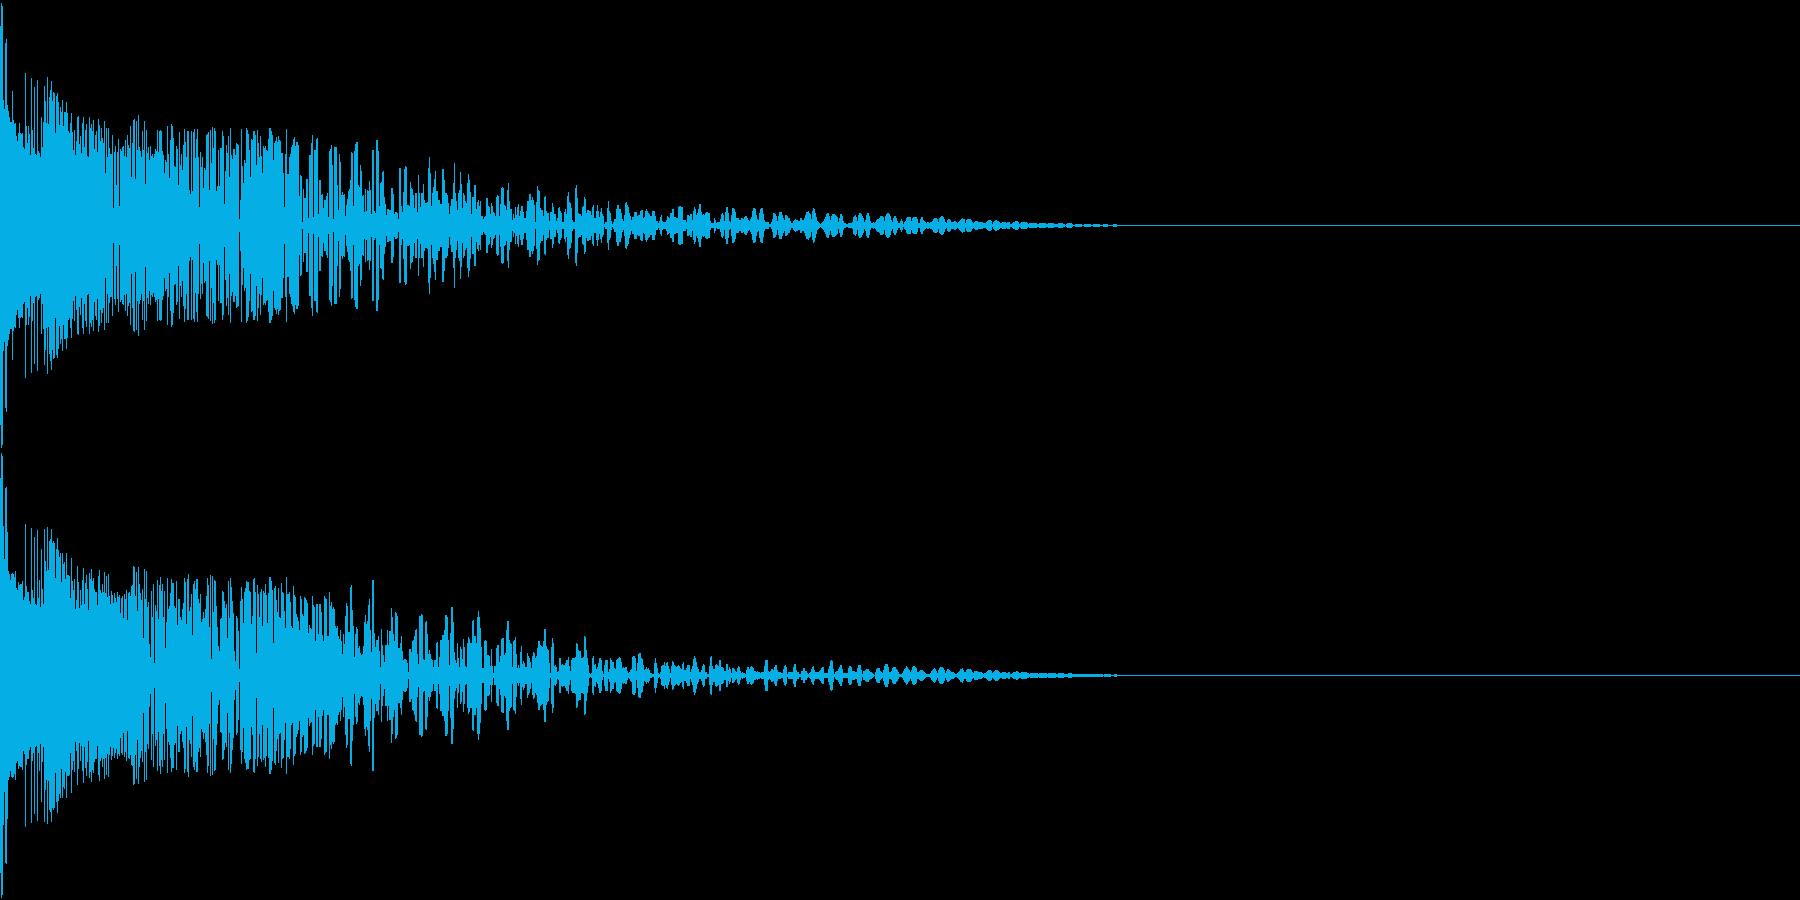 Henteko 可愛いクラッシュ音 7の再生済みの波形